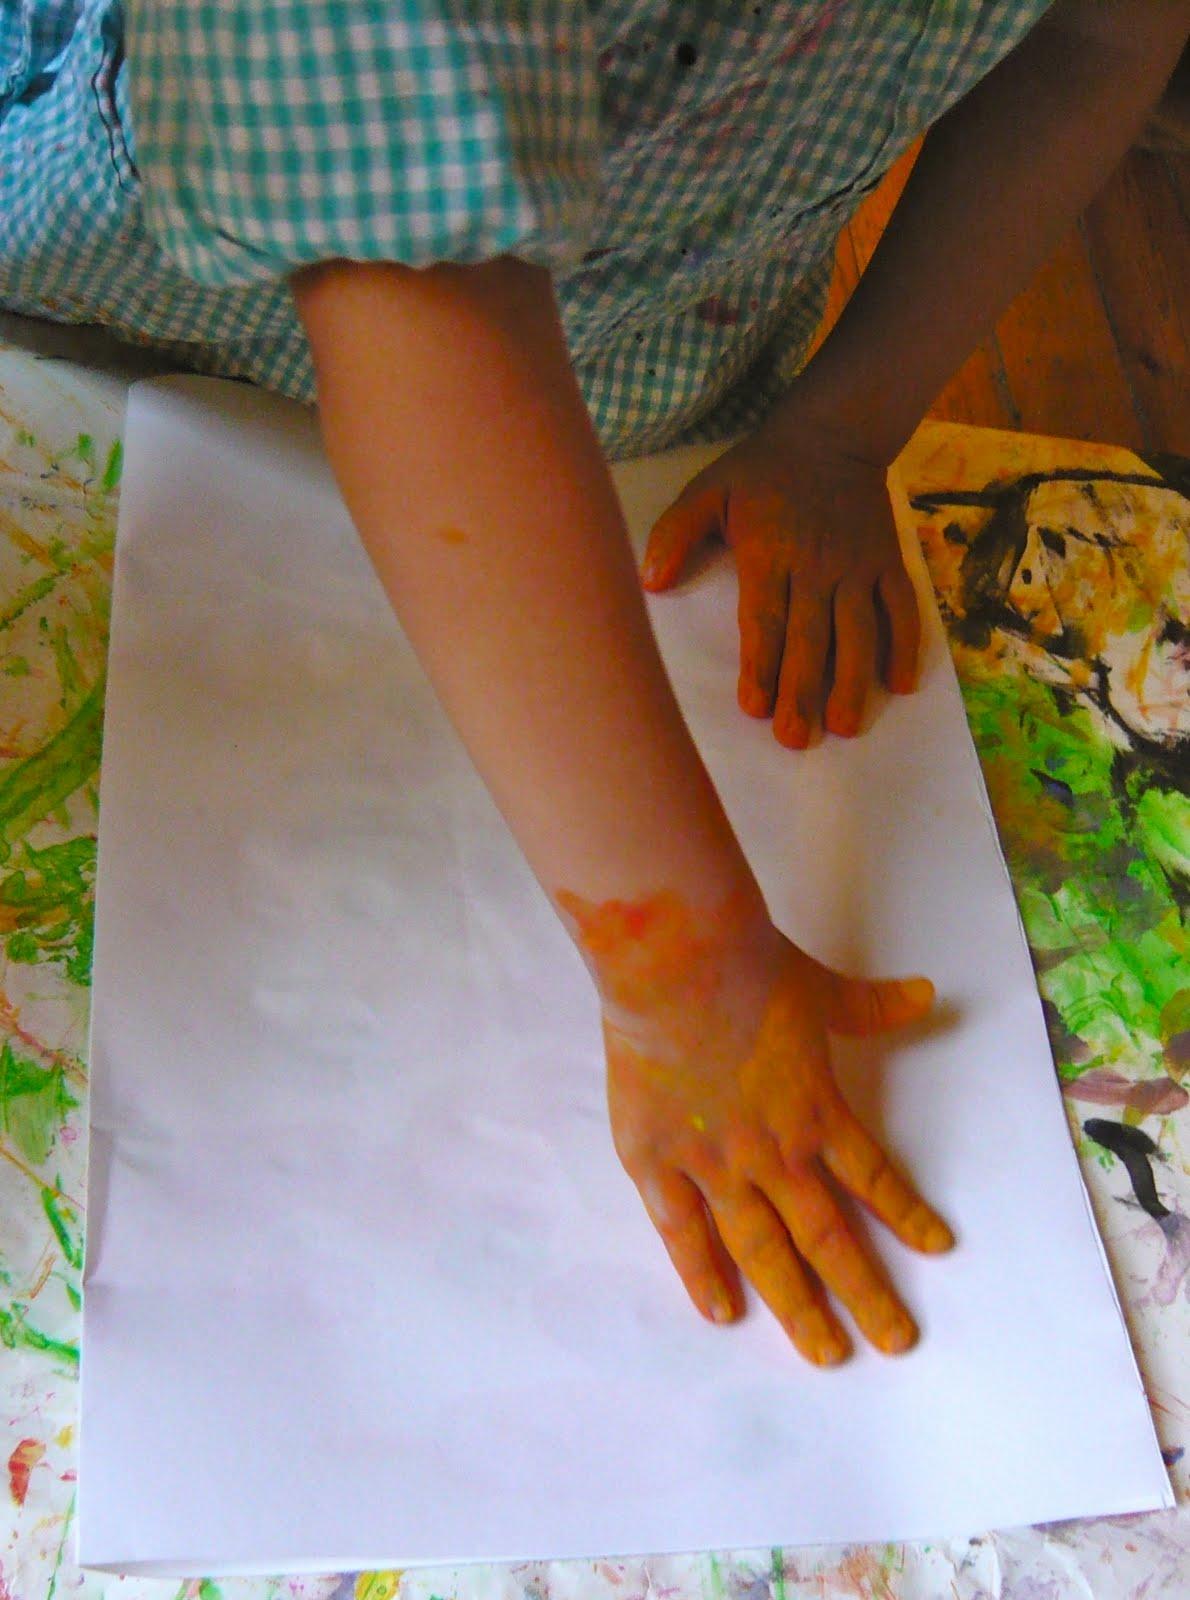 bibbiano bambini cosa � successo - photo #48